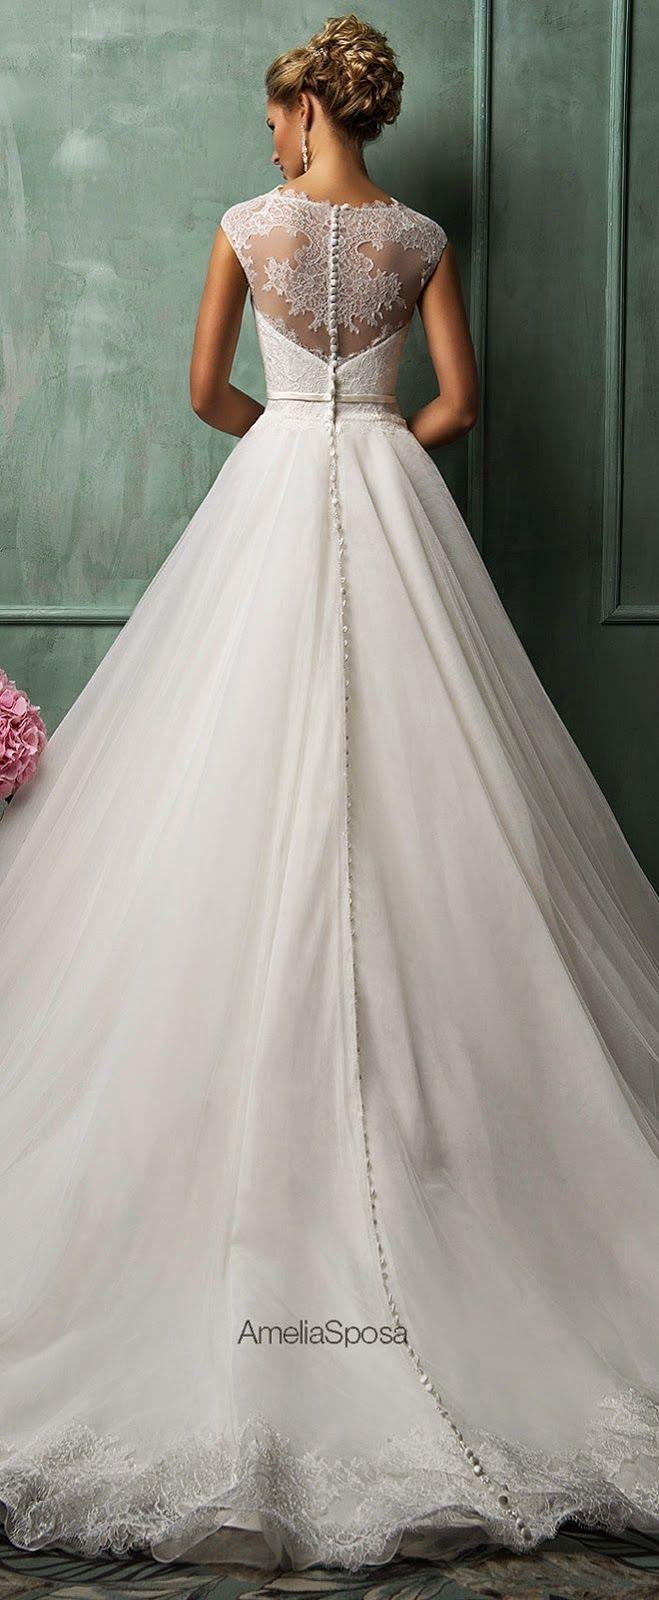 Italienische Hochzeitskleider 16 Besten  Italienische - Abendkleid